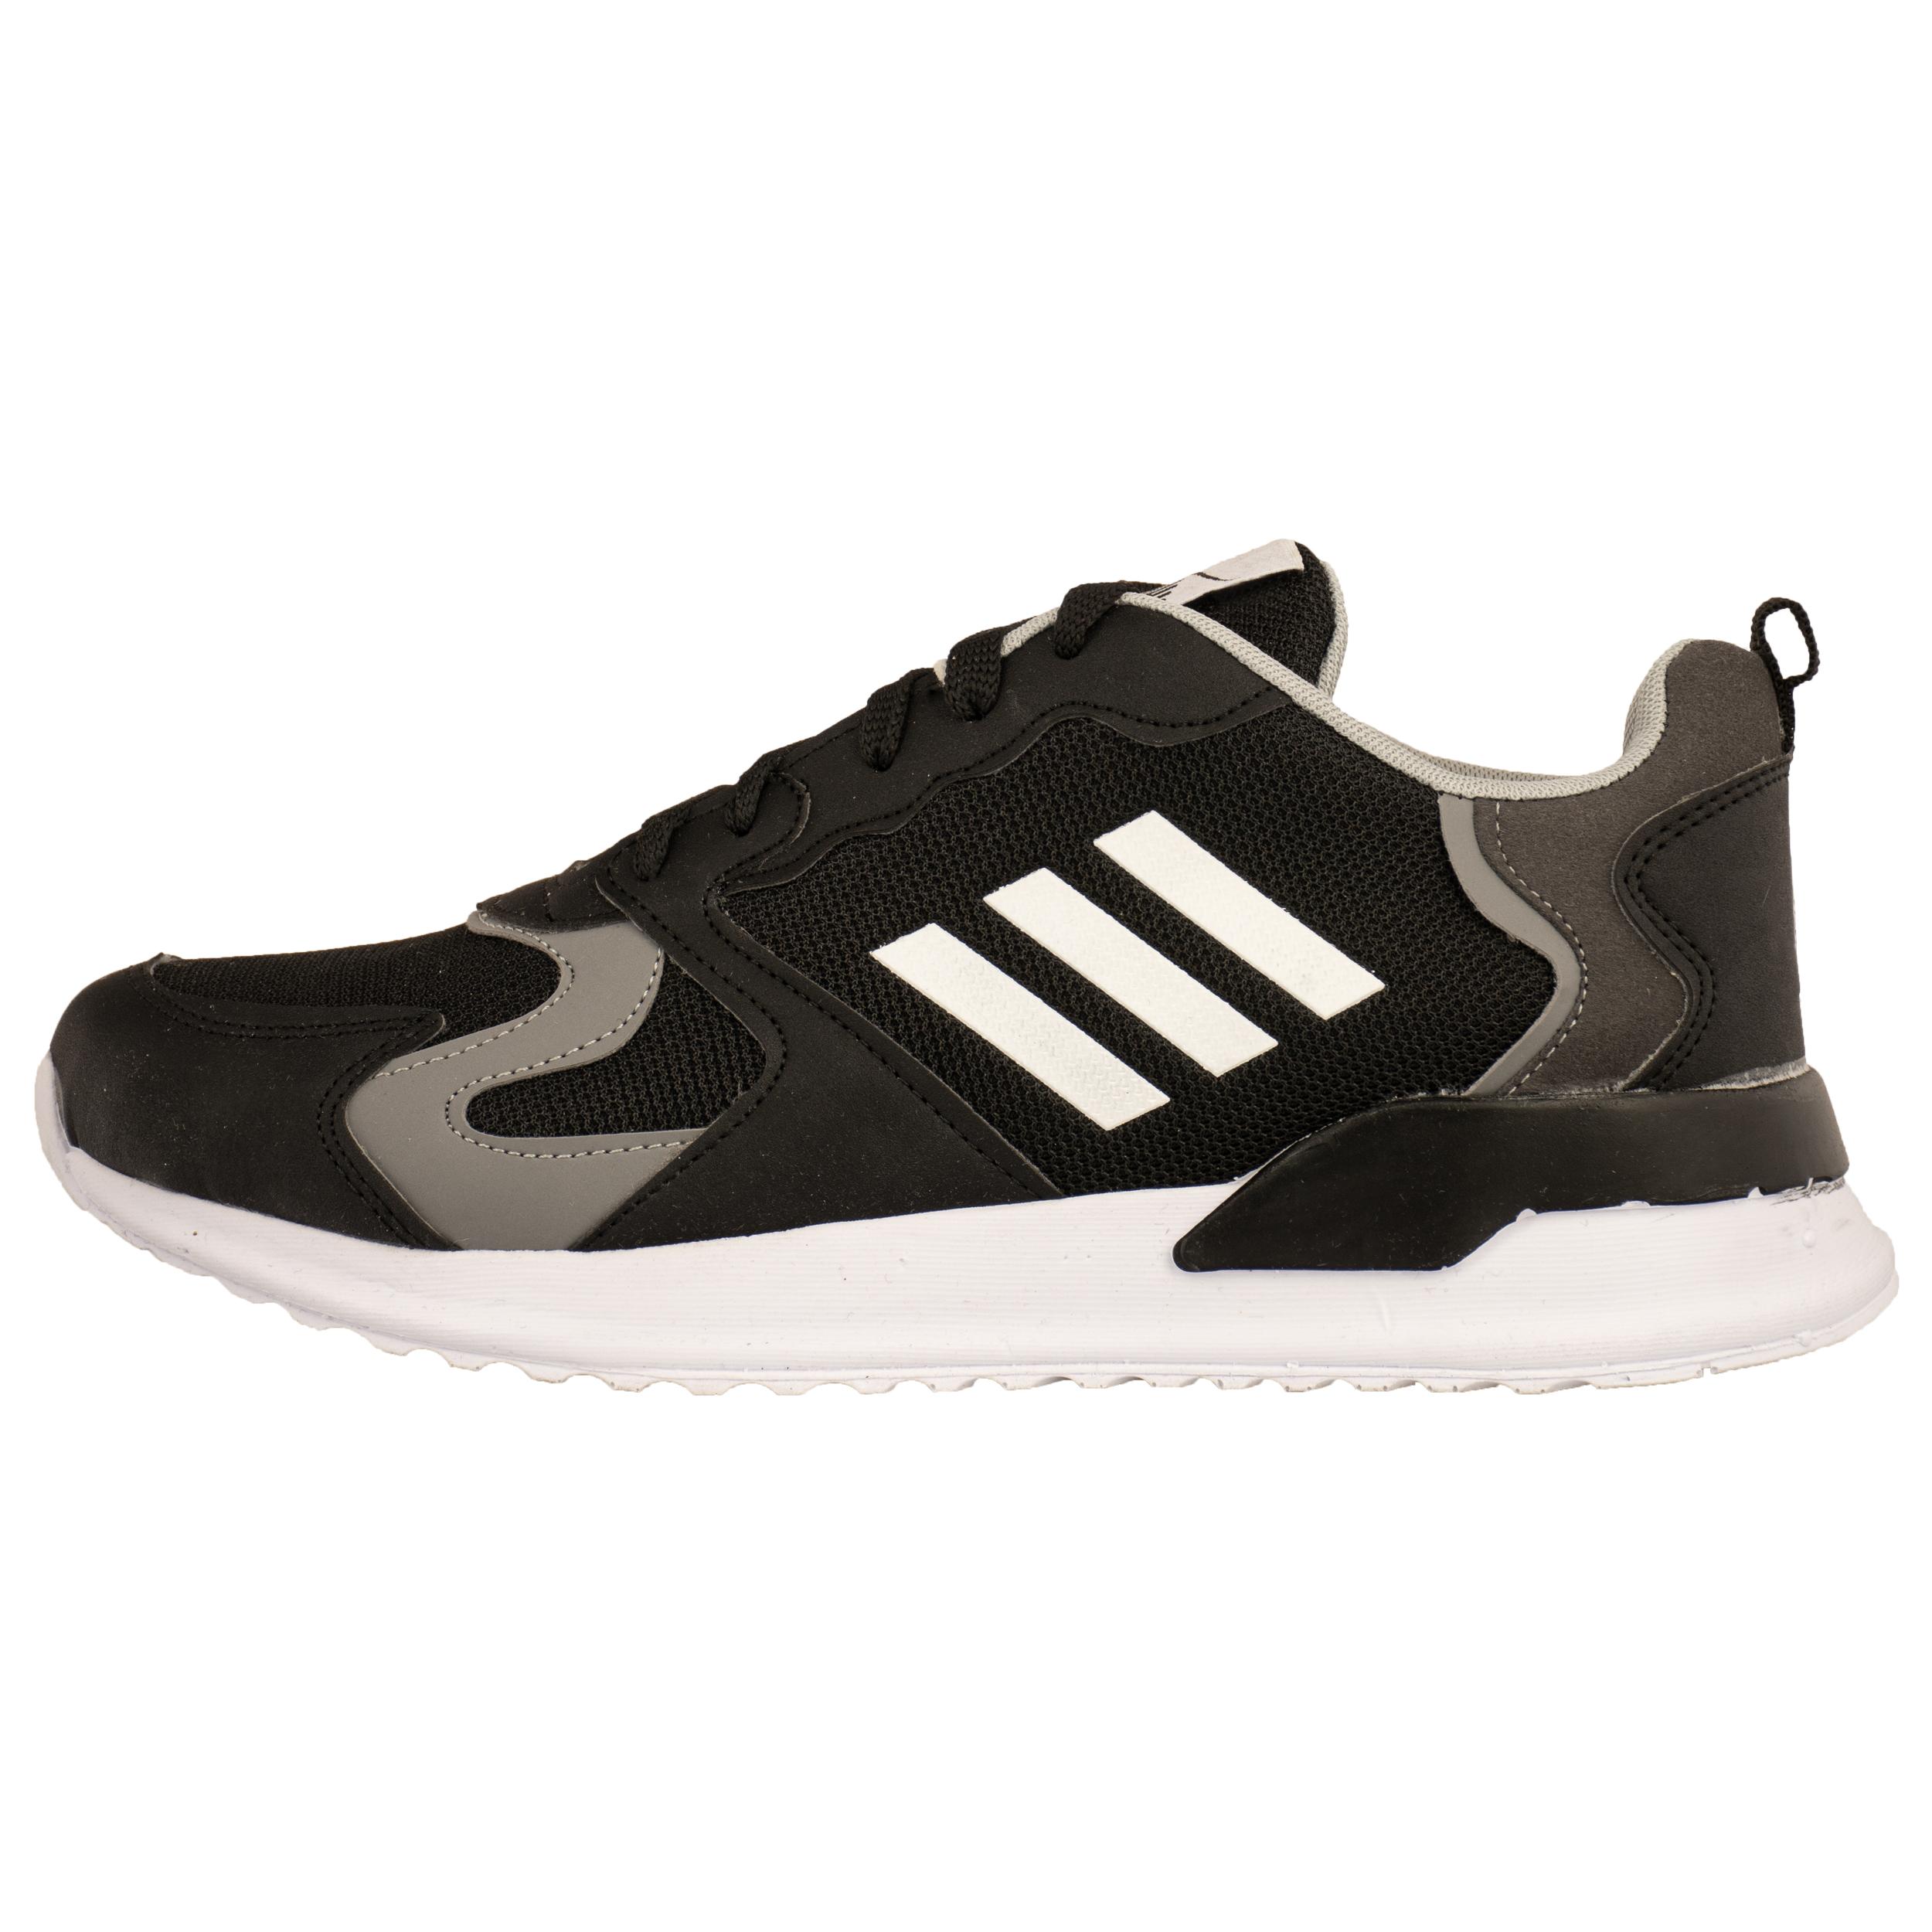 کفش مخصوص پیاده روی مردانه سارزی کد A.S_new_b.l.d.r_m.e.s.